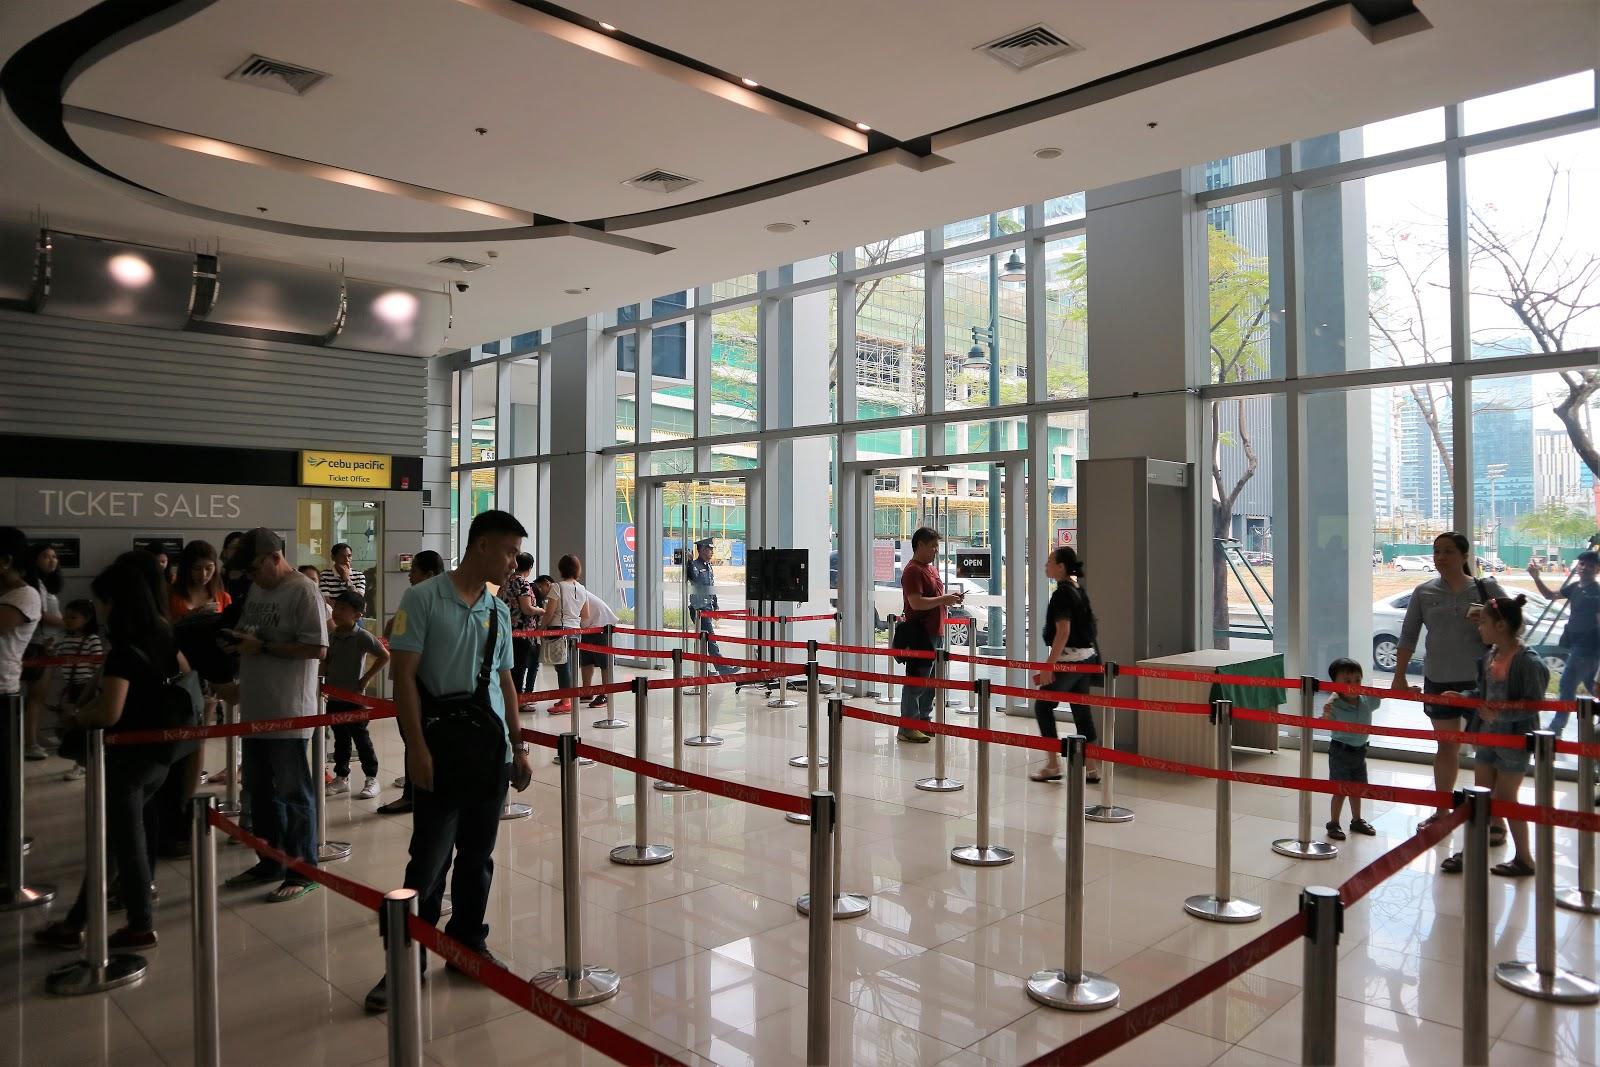 KidZania Cebu Pacific Entrance